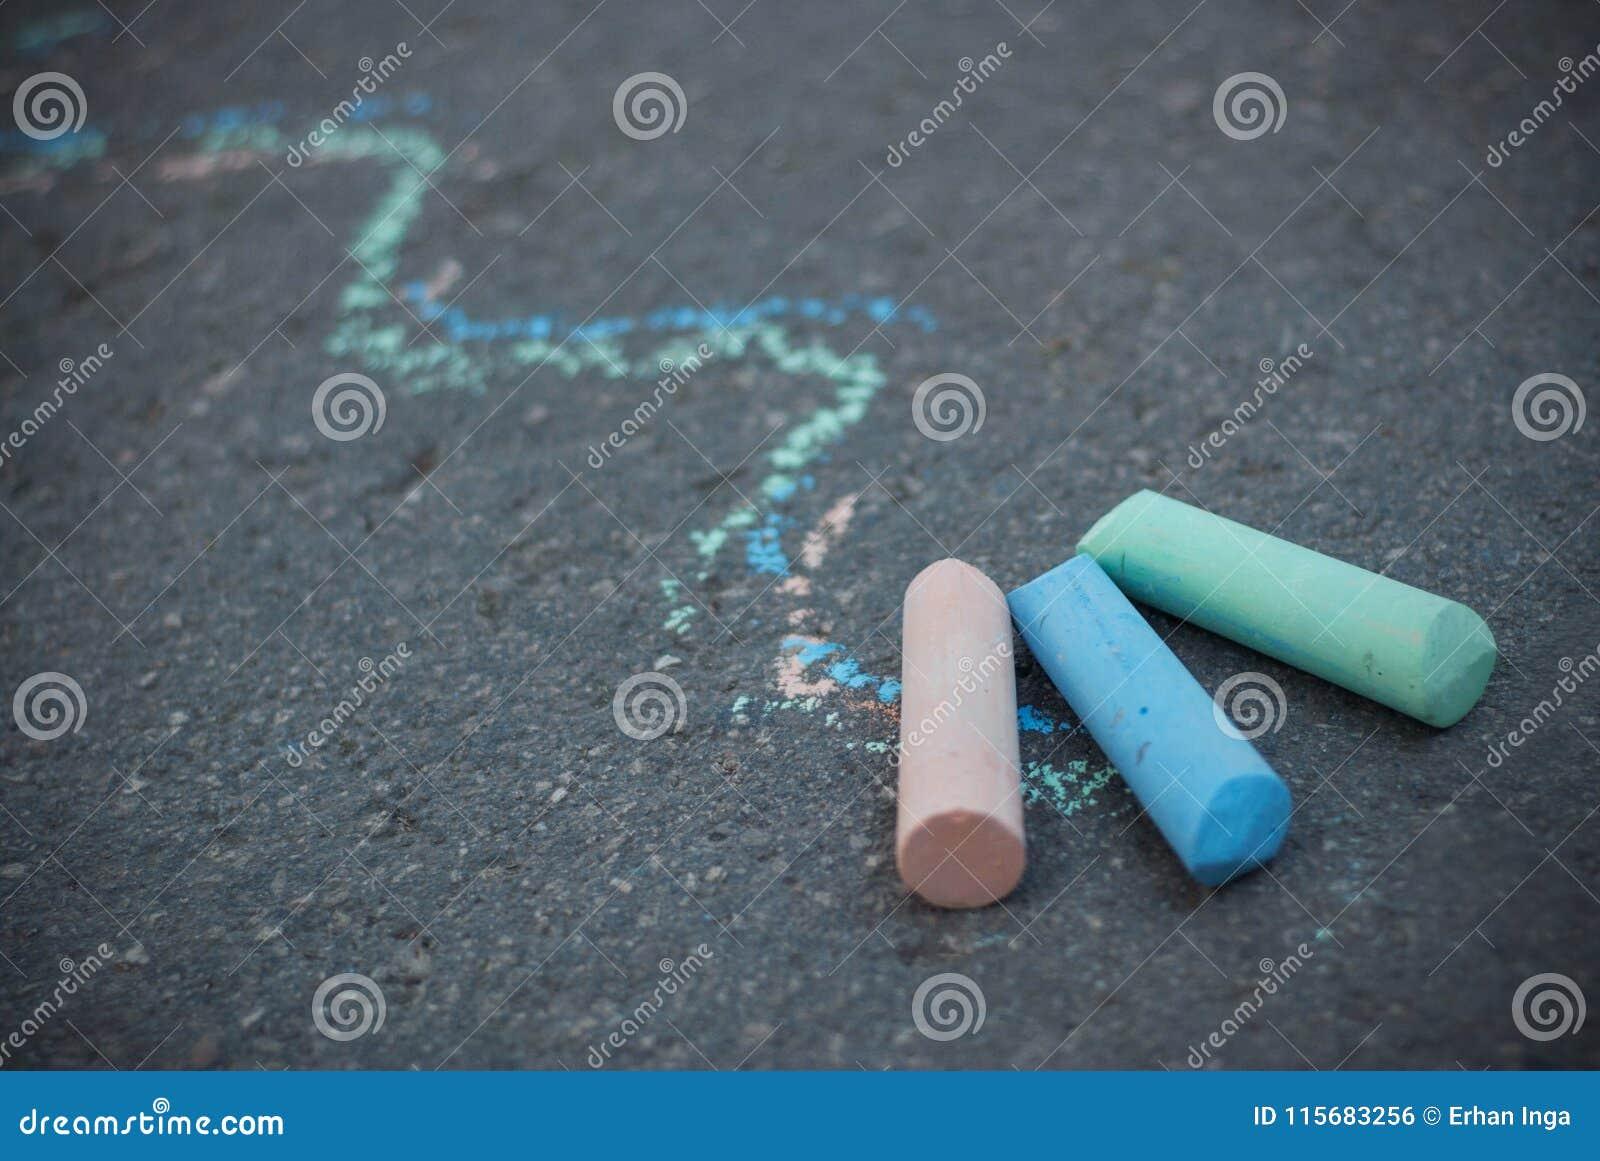 Kreda na Textured asfalcie Kolorowe remis linie Dzieciństwo i wychowywać Edukacja